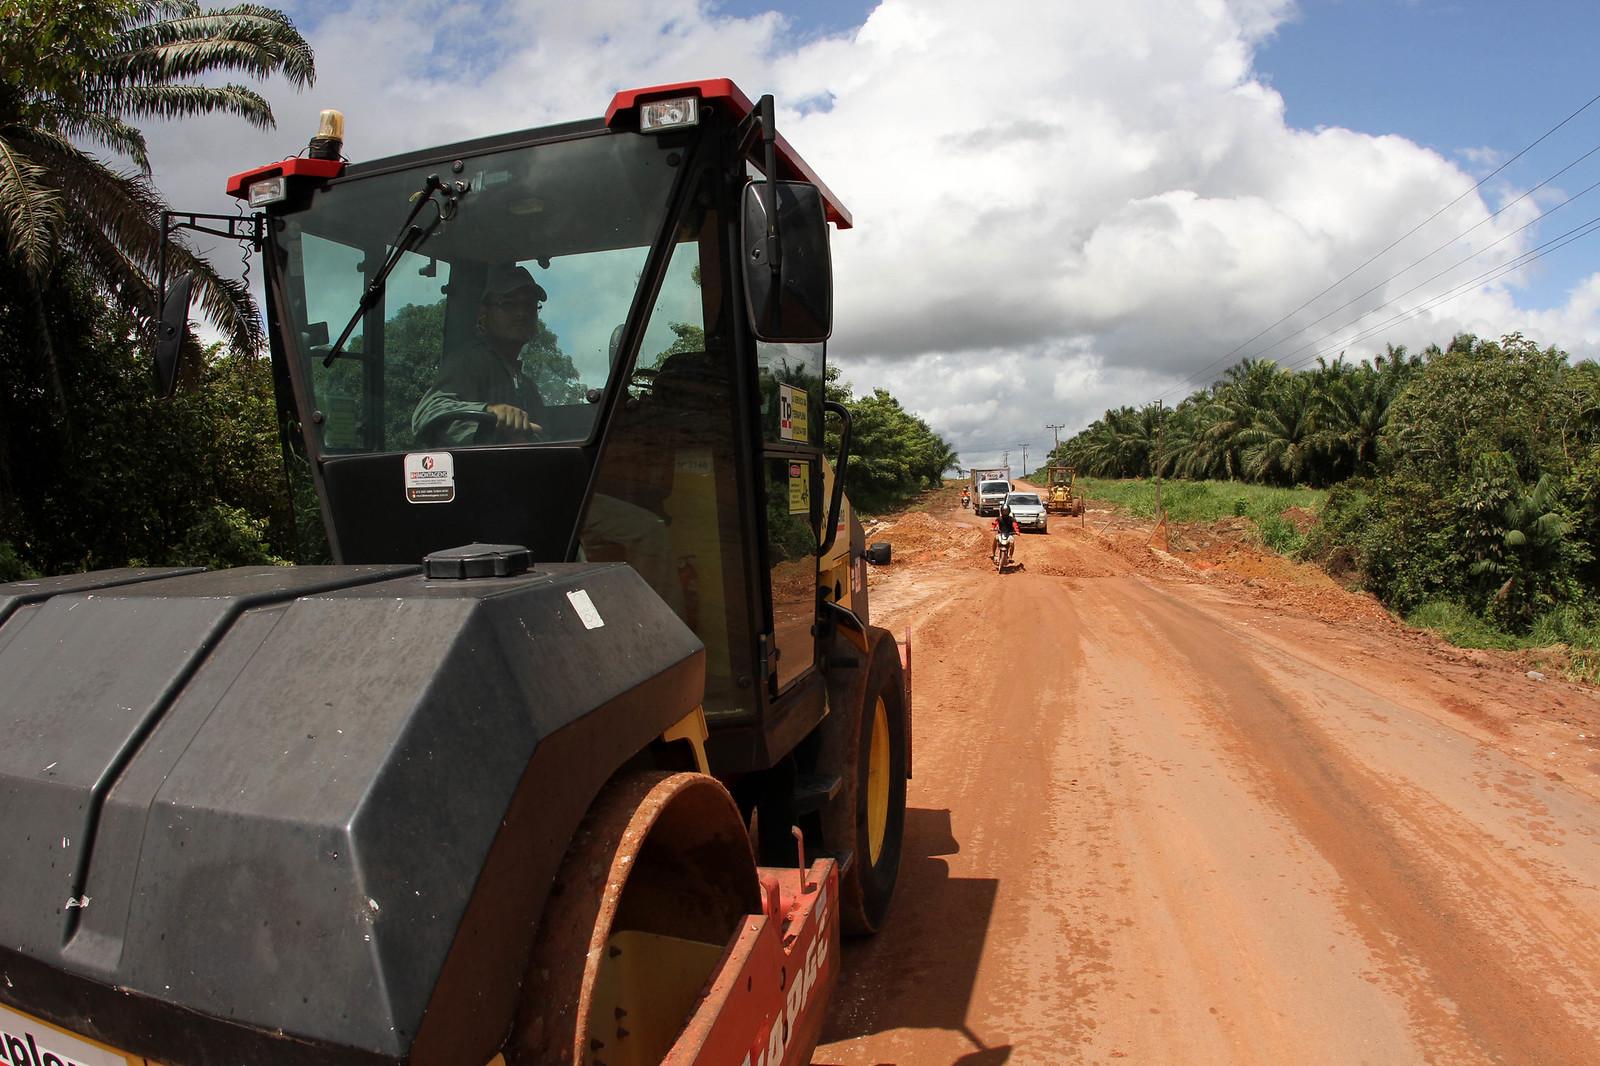 Rodovias do sudeste do Pará serão recuperadas pela Setran, Foto do dia.